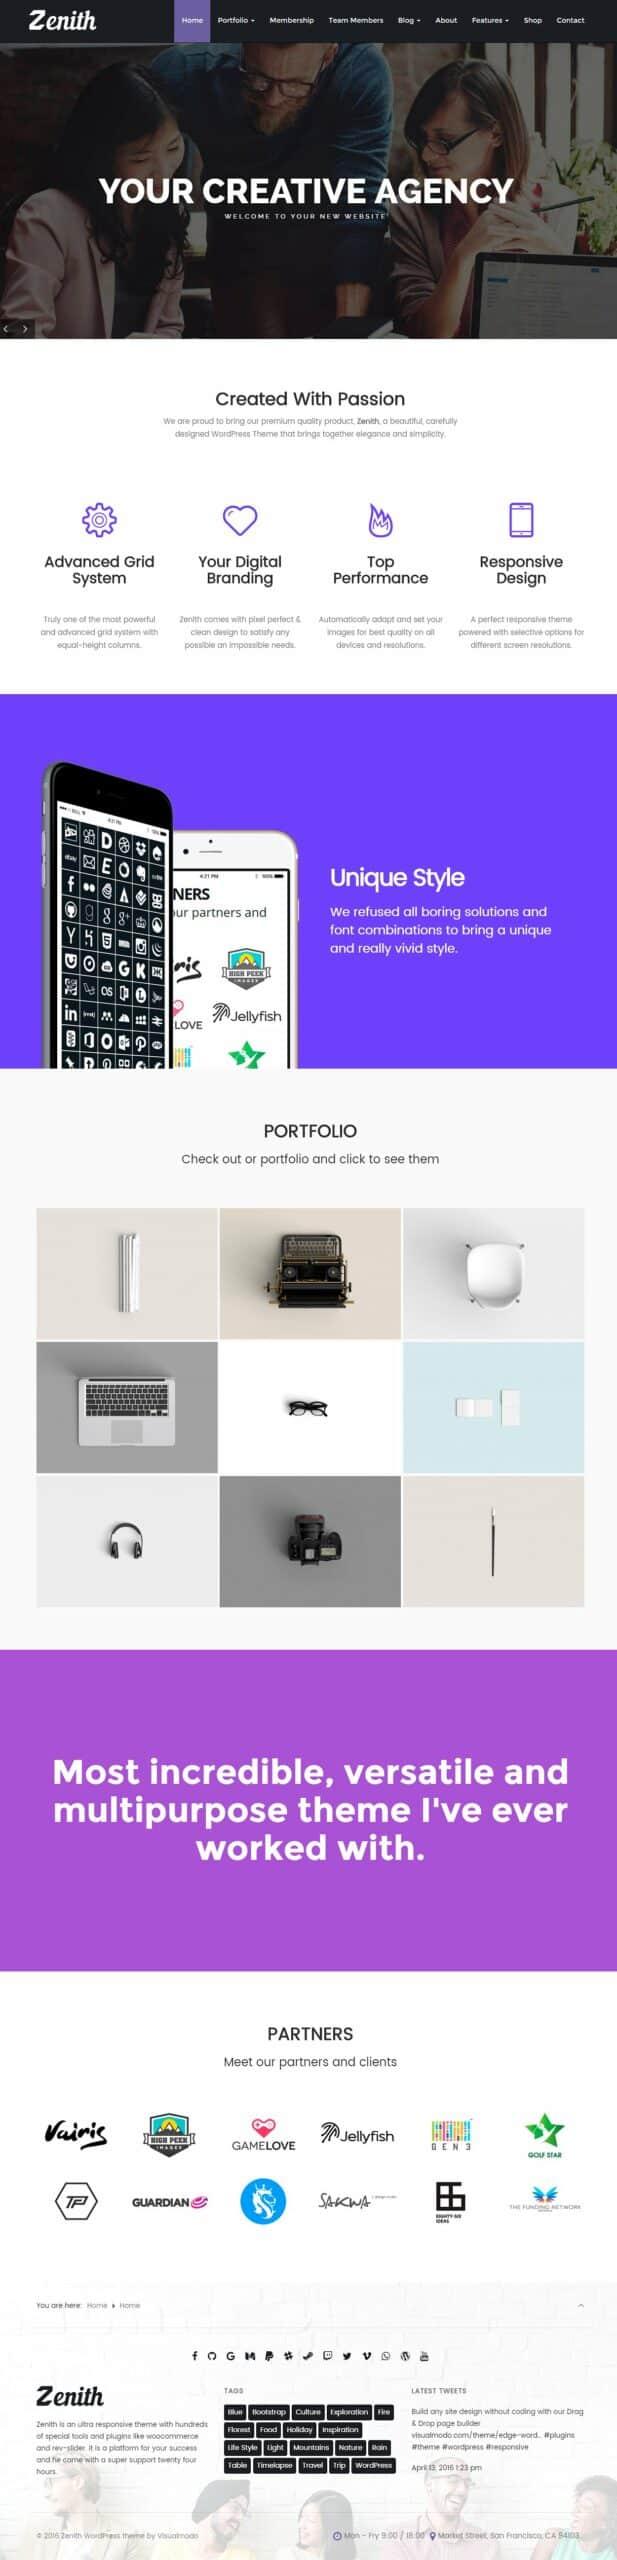 Zenith WordPress Theme - Responsive Portfolio Template